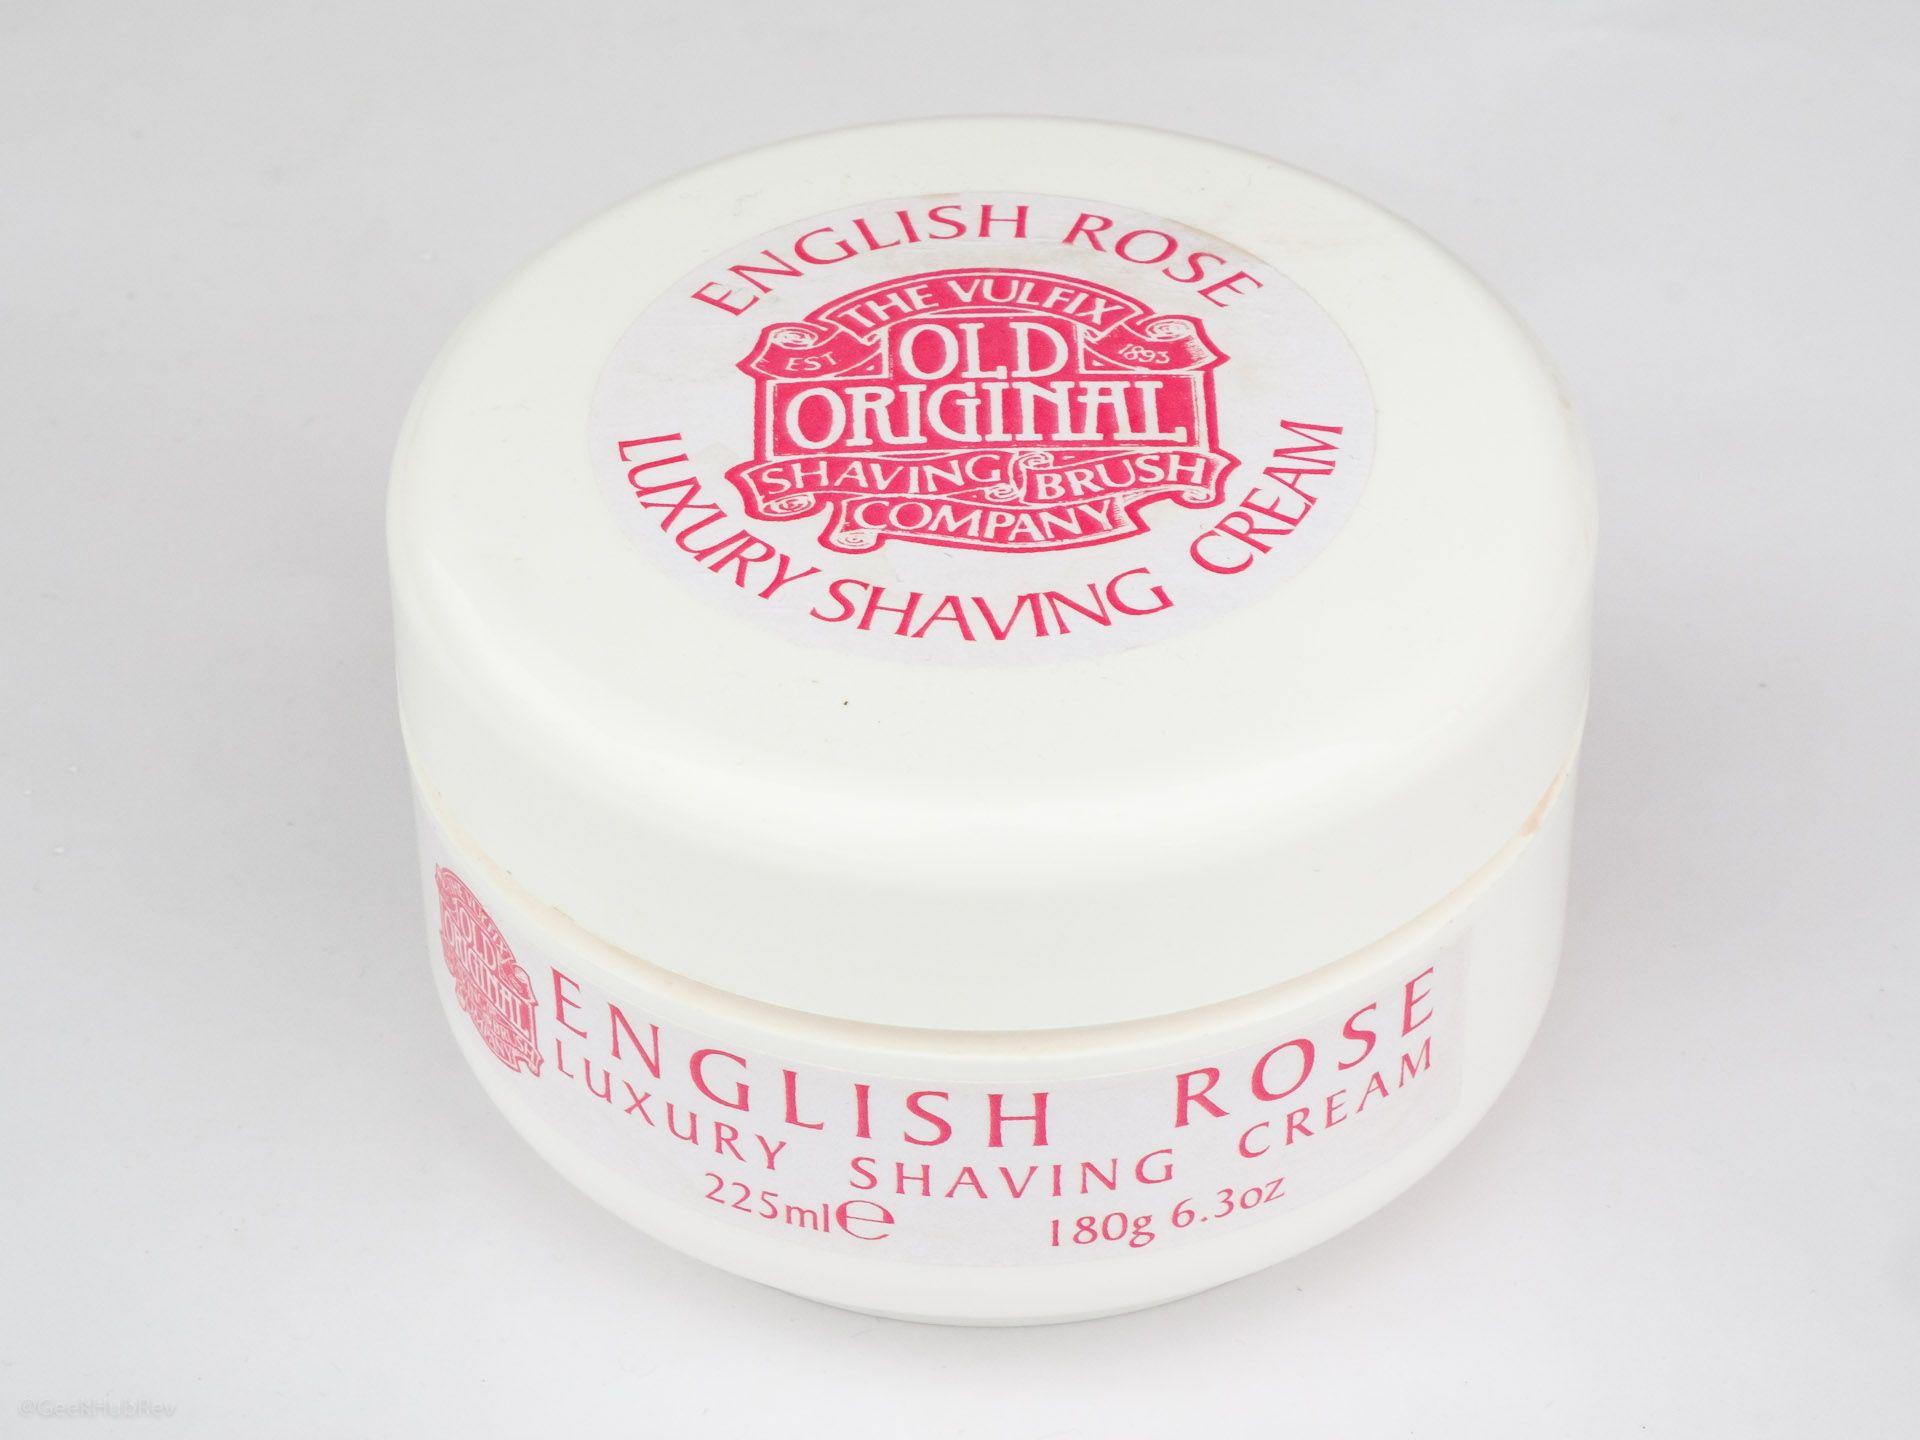 Opakowanie kremu do golenia Vulfix English Rose Shaving Cream